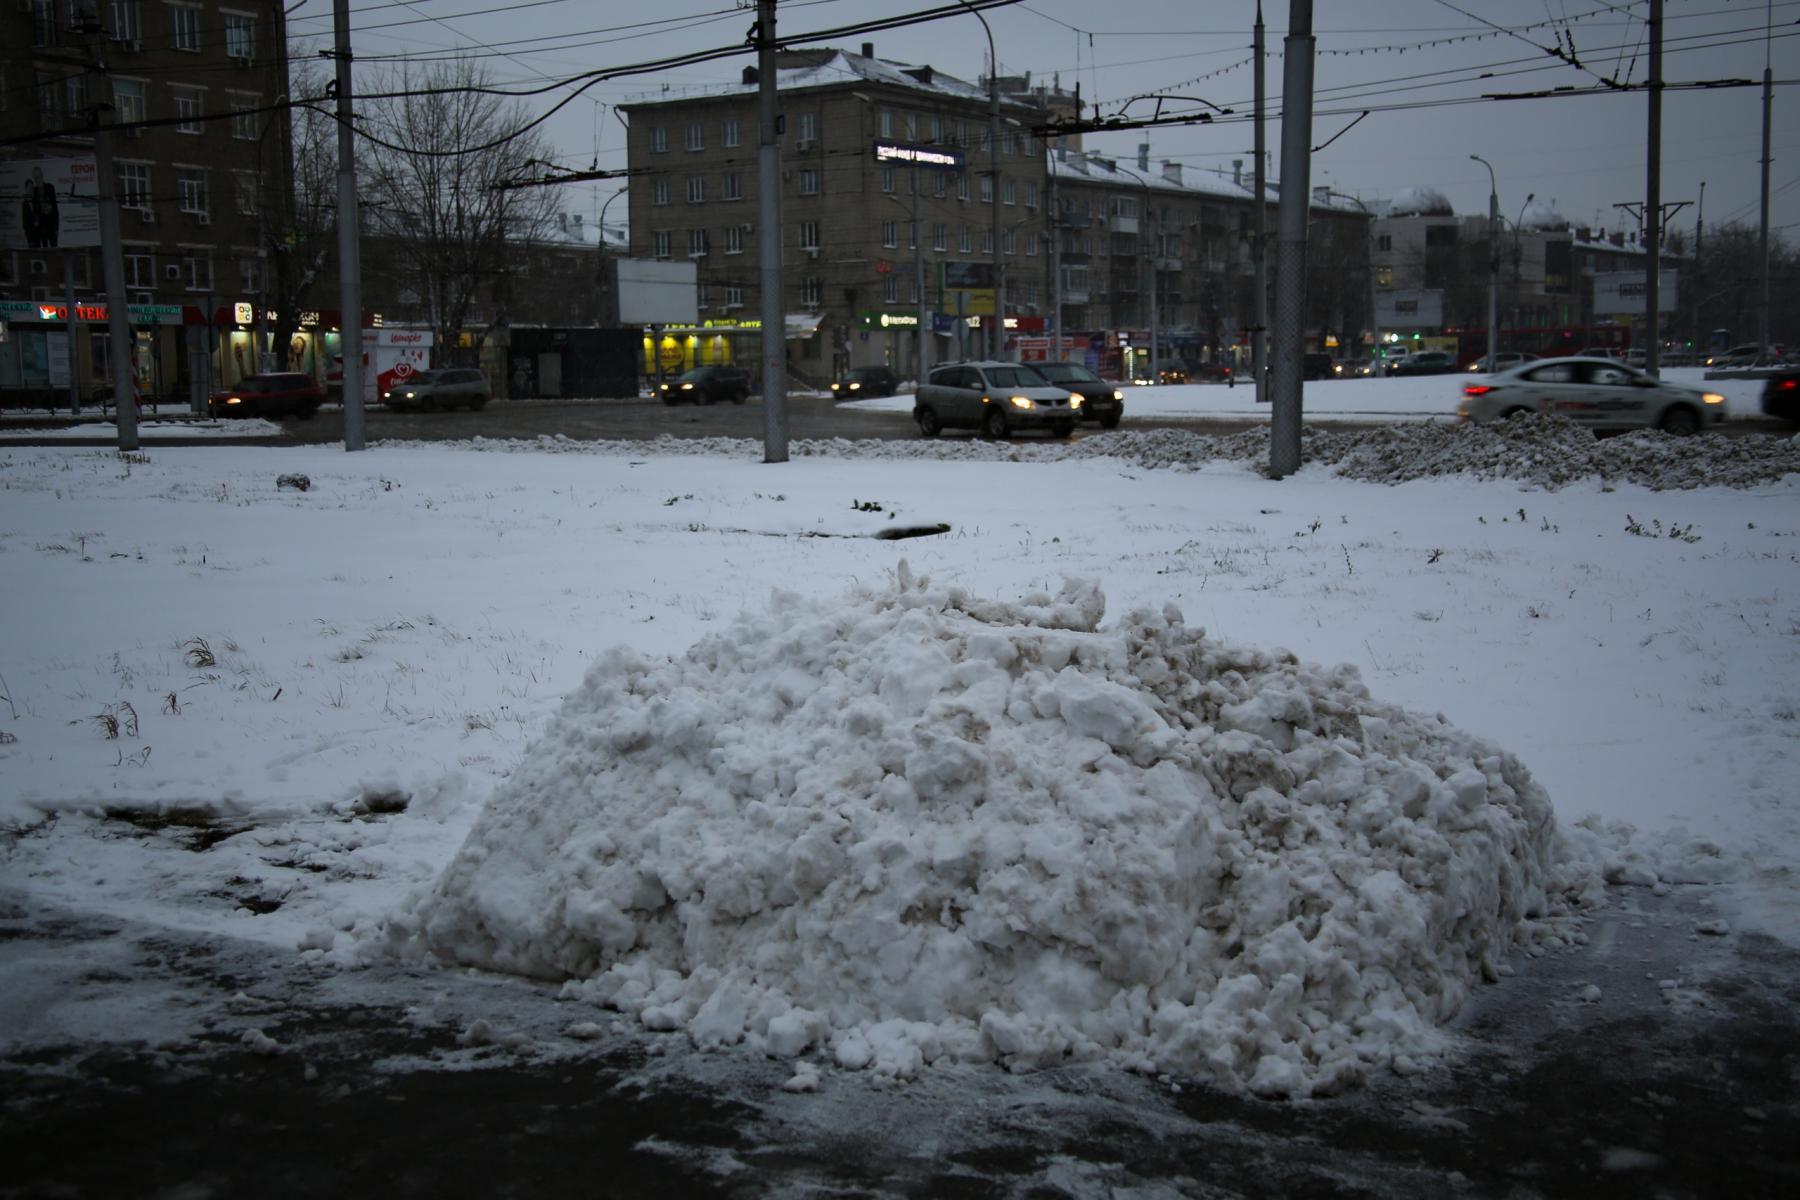 фото Привыкайте к вони: в Новосибирске предложили бороться со снегом при помощи фекалий 4